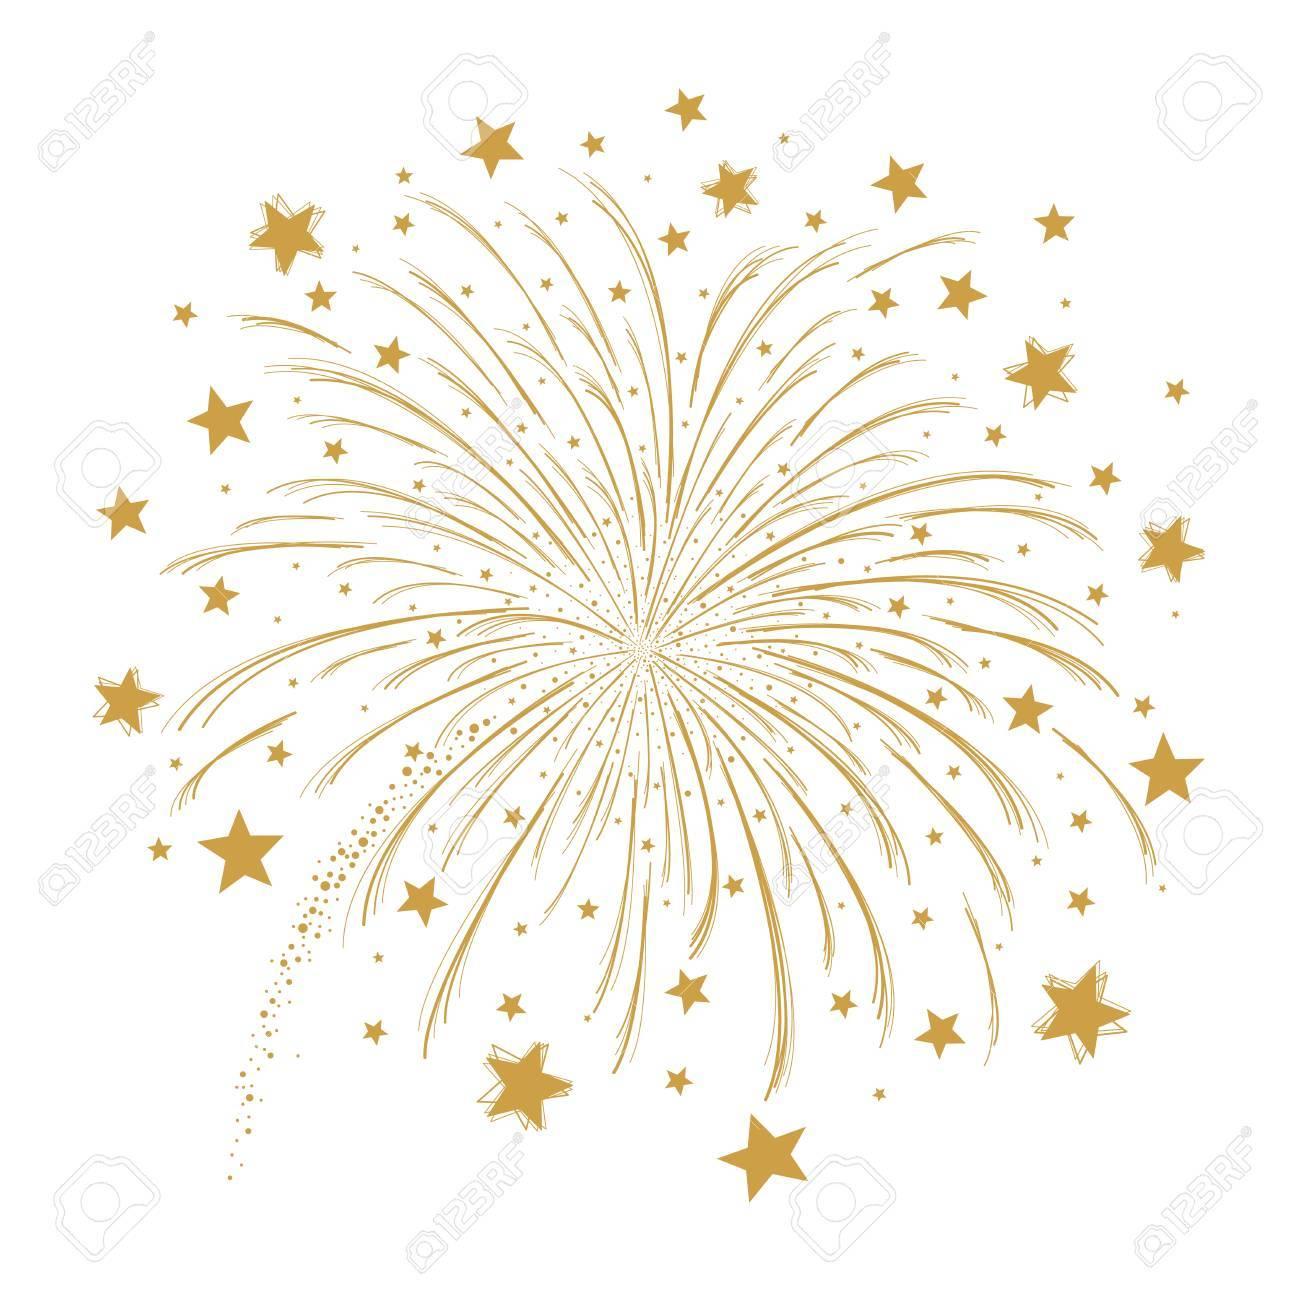 Feuerwerk mit Stern auf weißem ... | Stock-Vektor | Colourbox